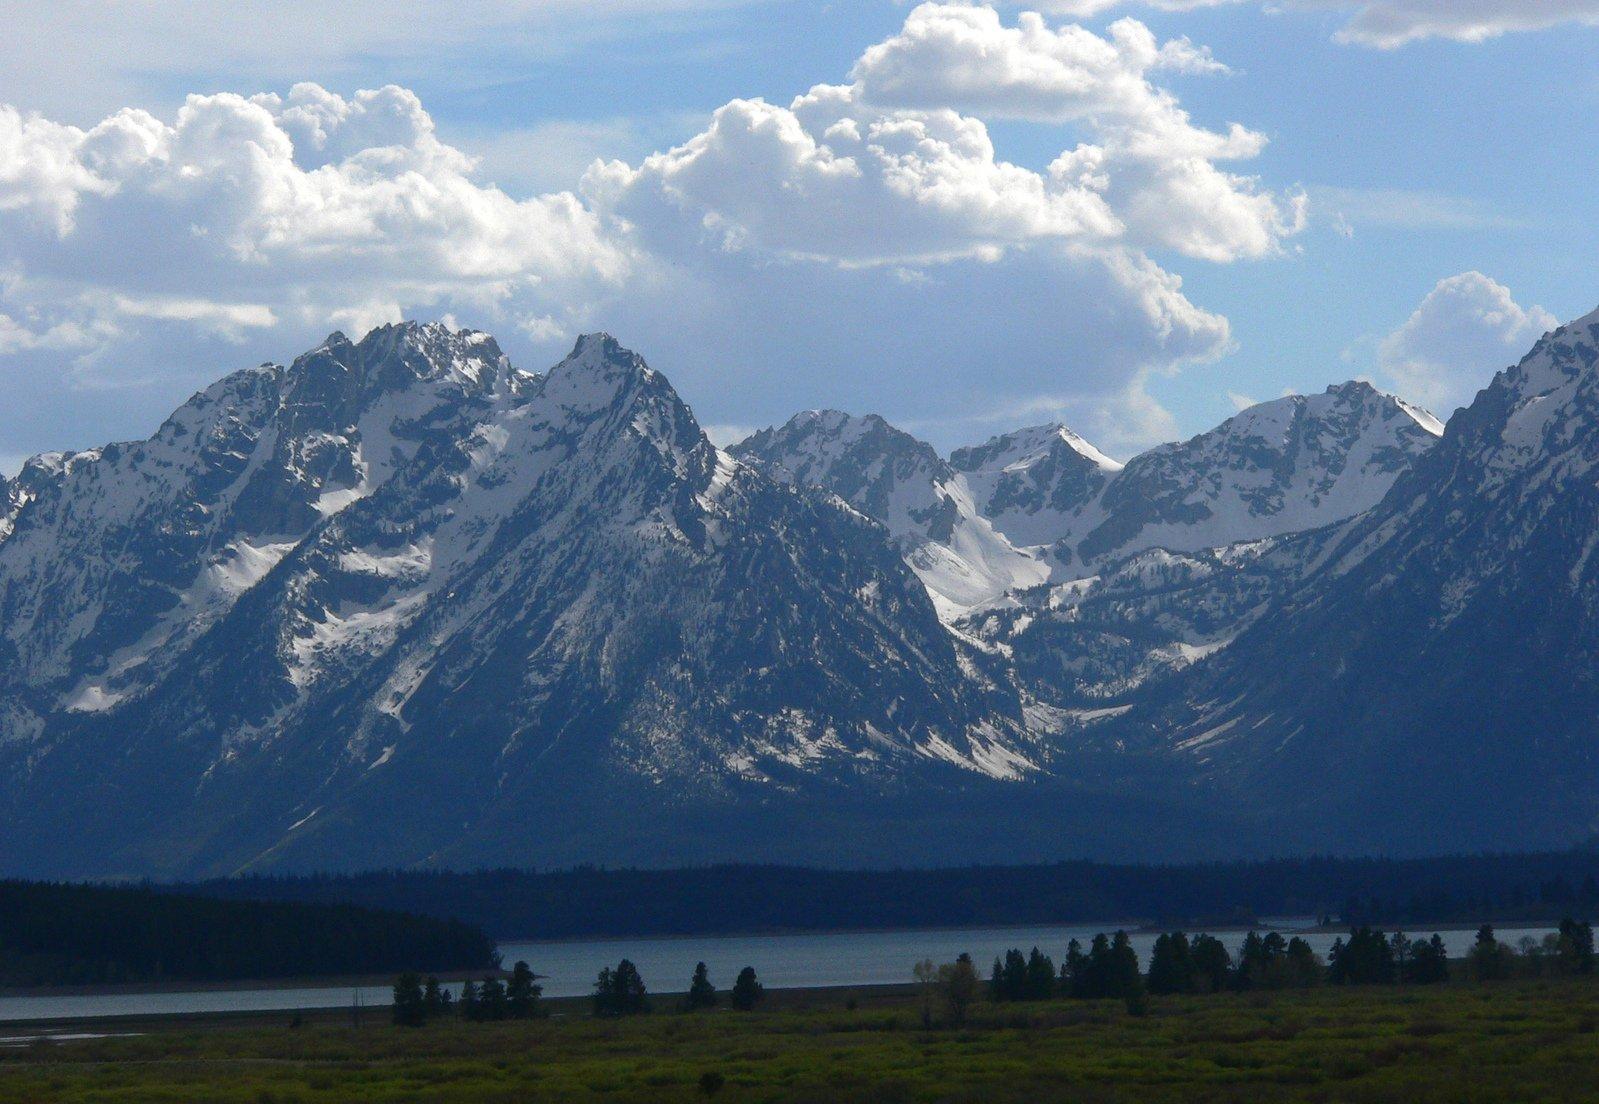 Free Grand Teton Mountains Stock Photo - FreeImages.com